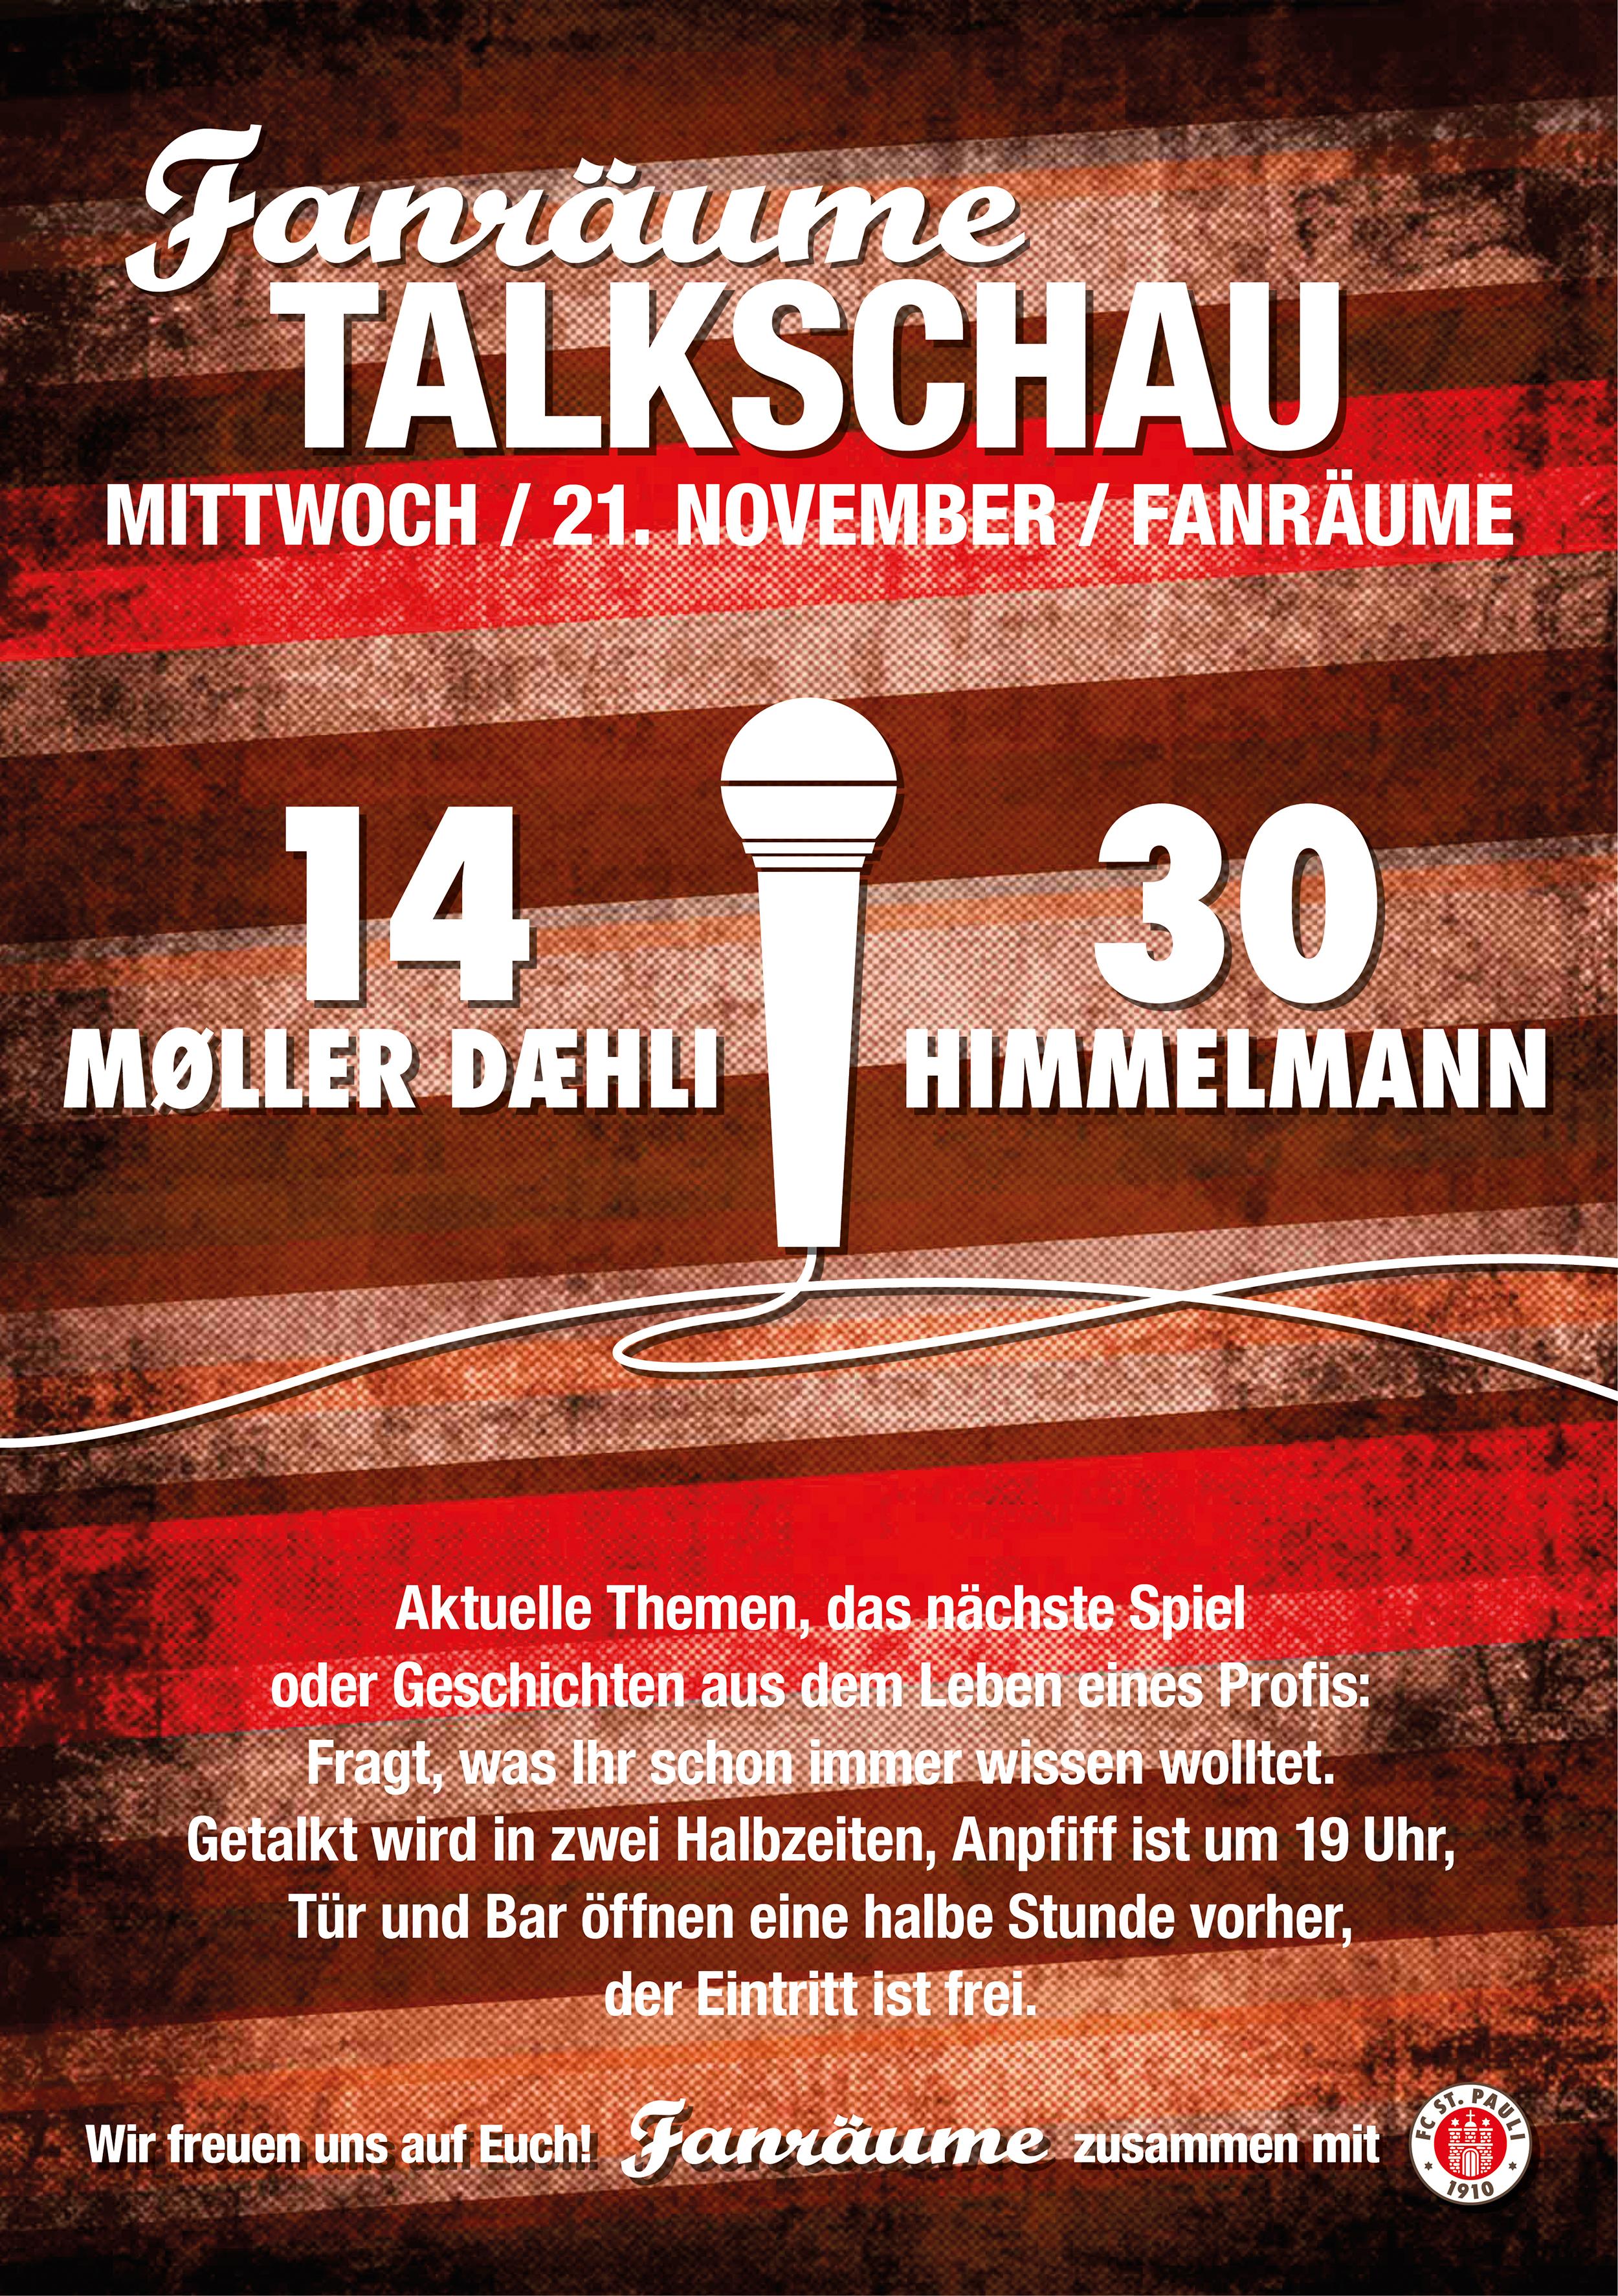 Fanräume Talkschau mit Himmelmann und Møller Dæhli